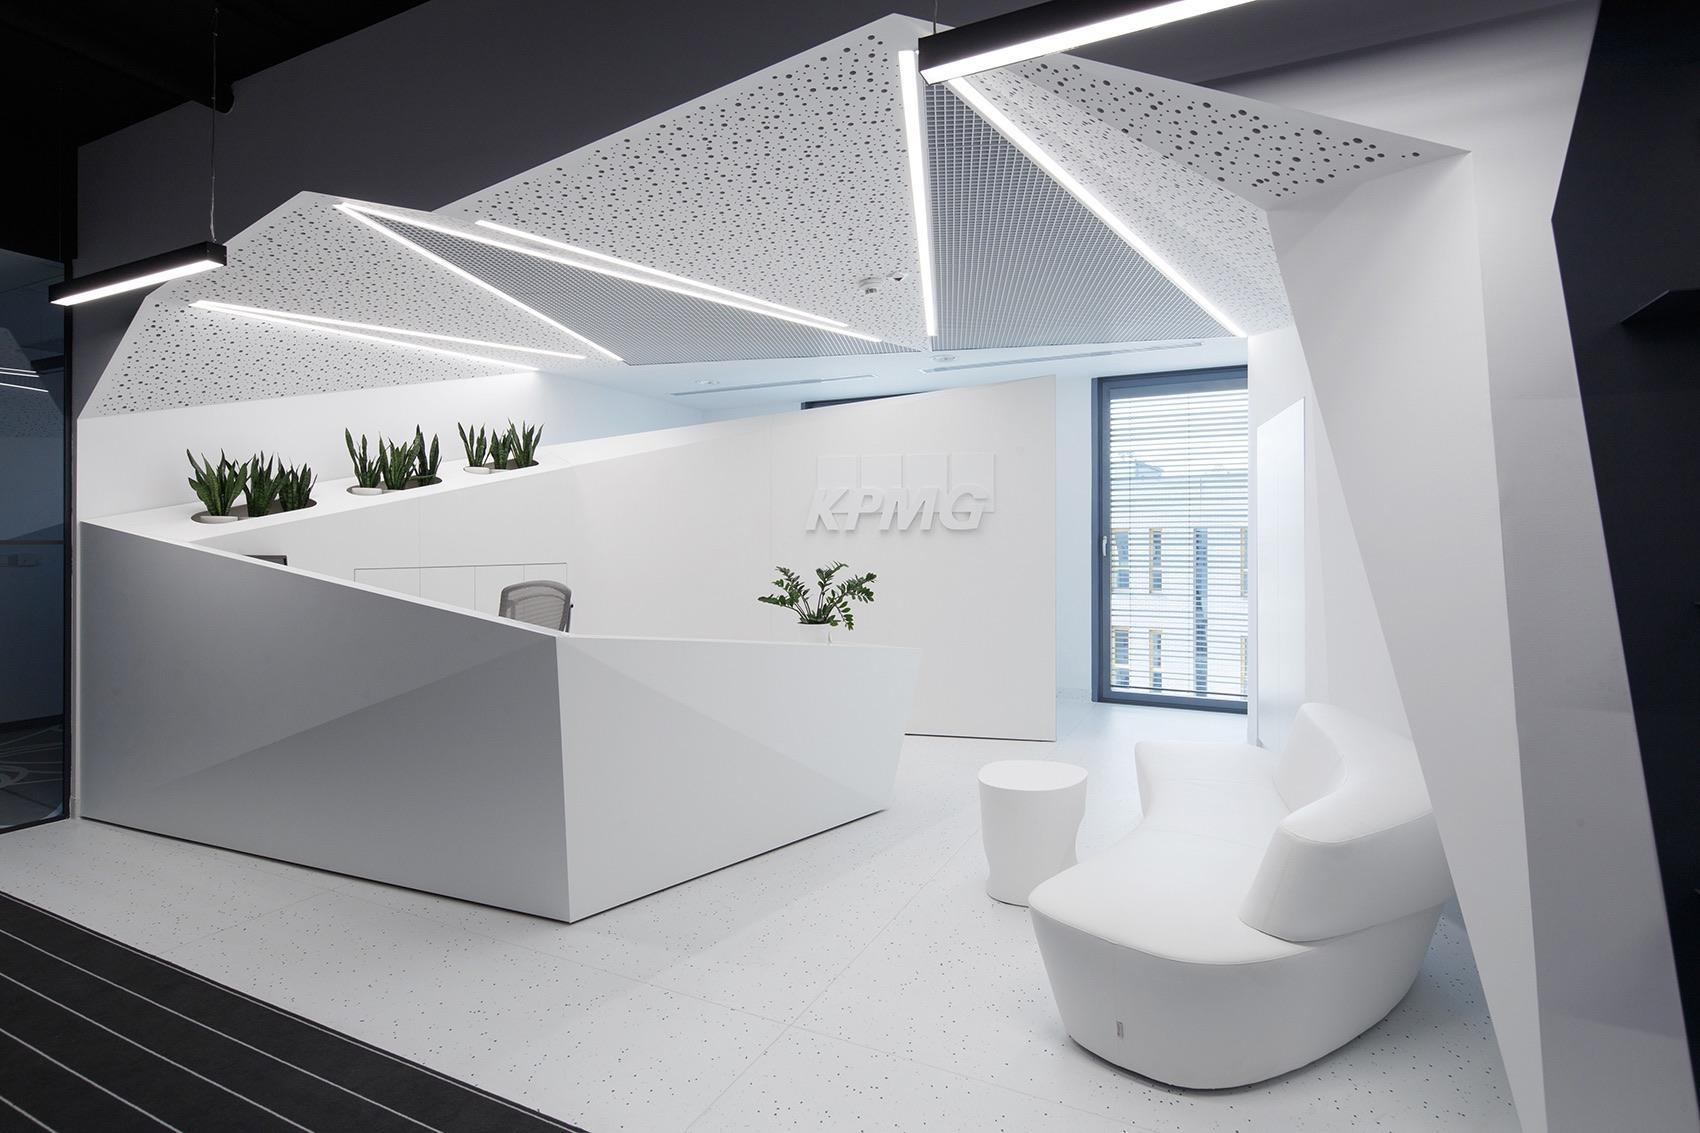 kpmg-katowice-office-30